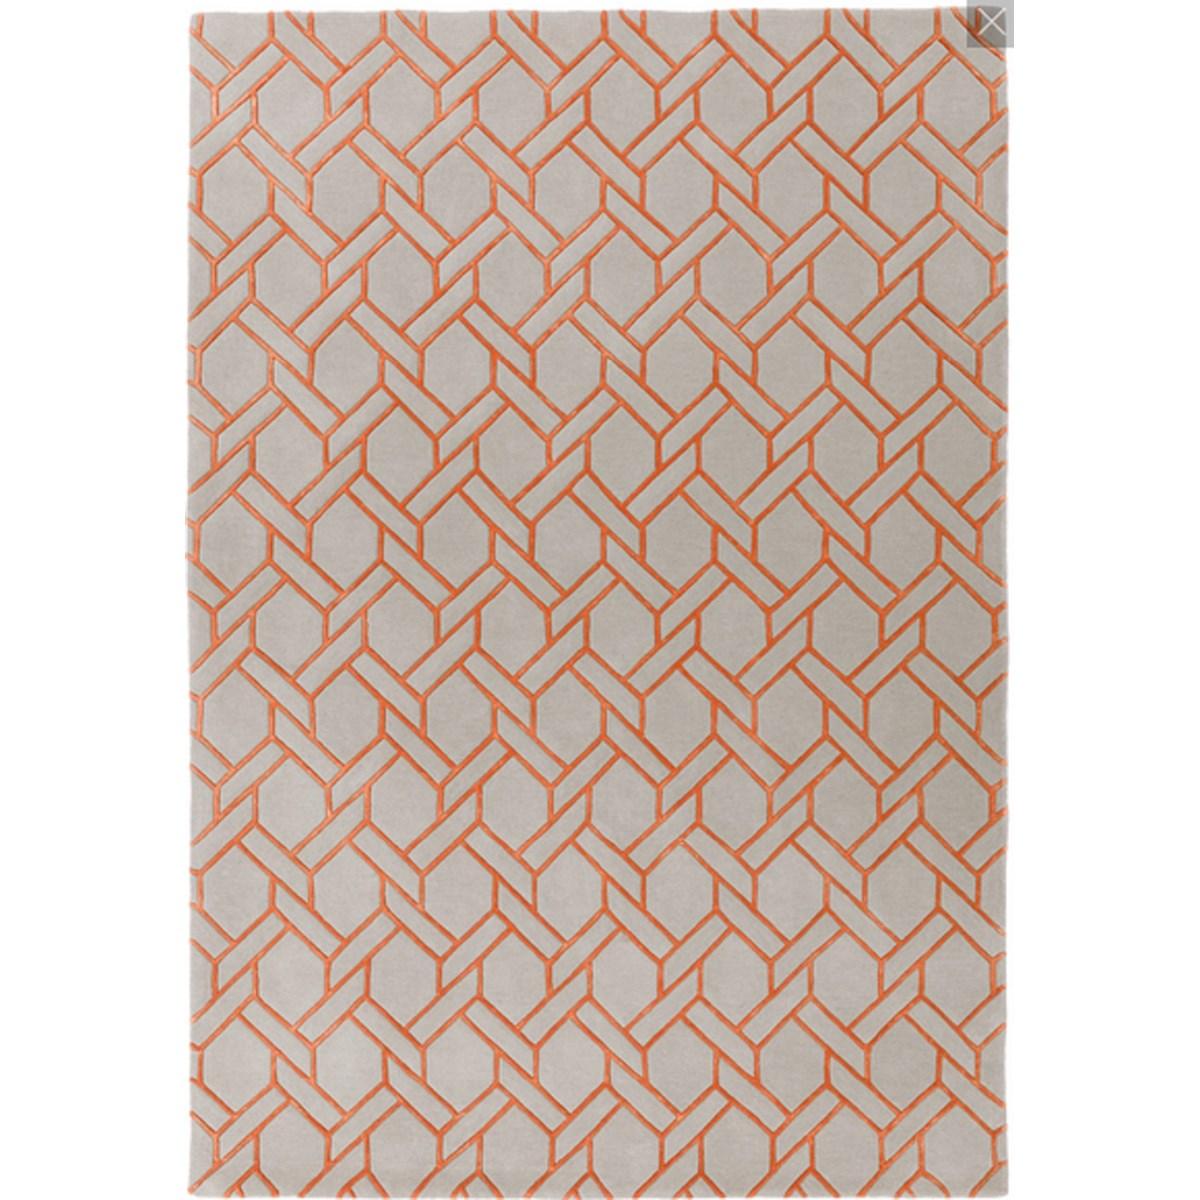 Tapis de salon moderne  en Laine Orange 120x170 cm